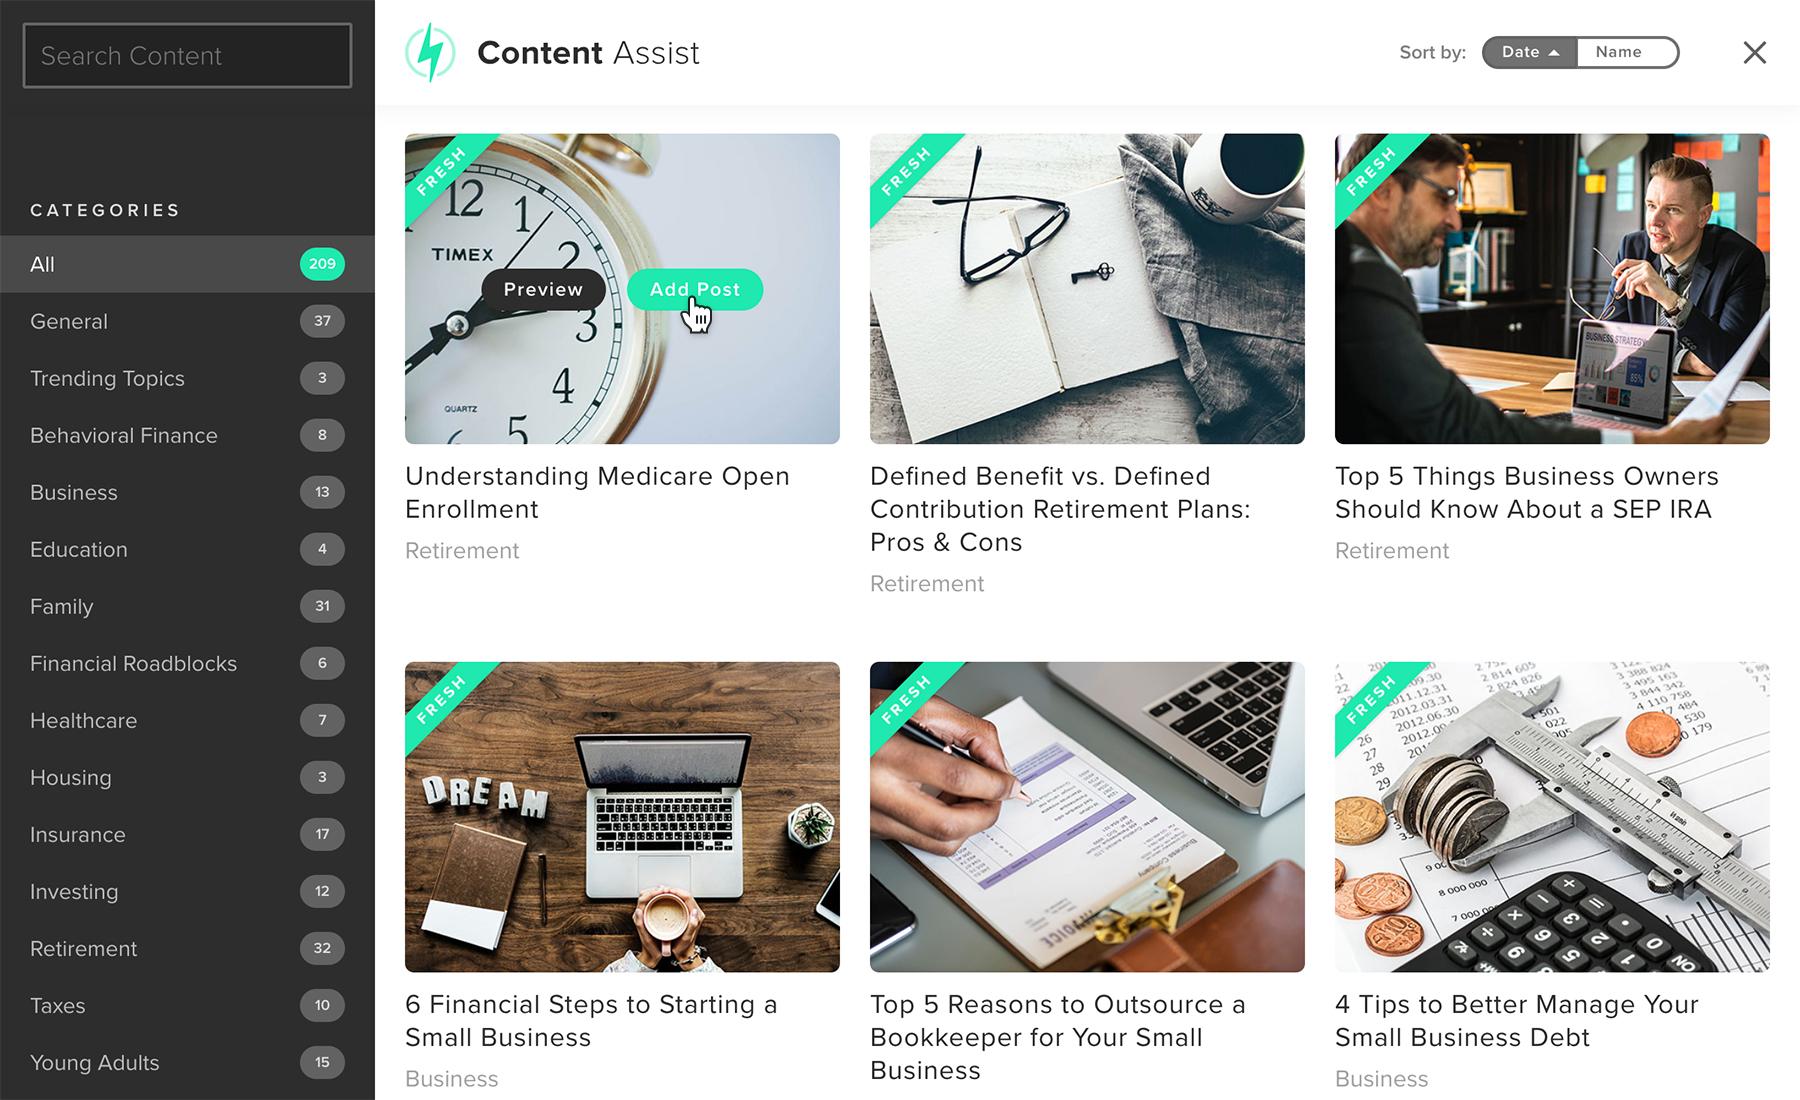 Content Assist